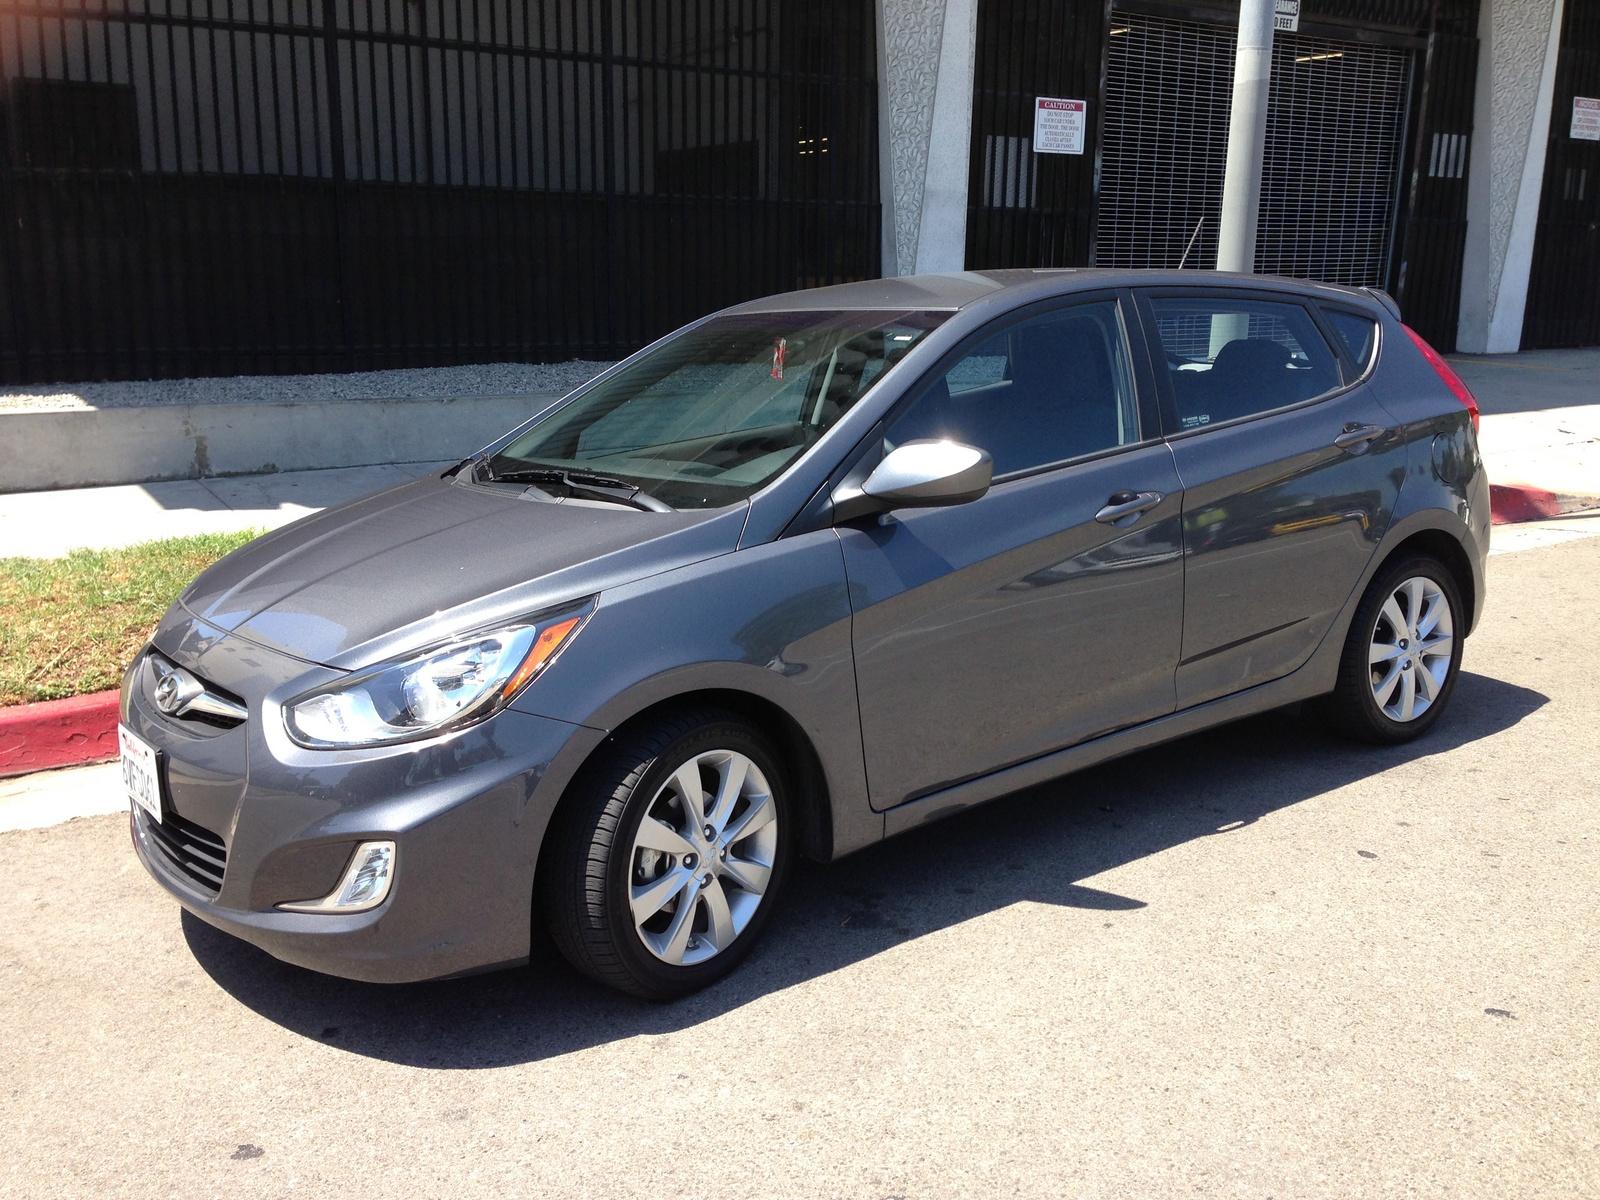 2012 Hyundai Accent Pictures Cargurus